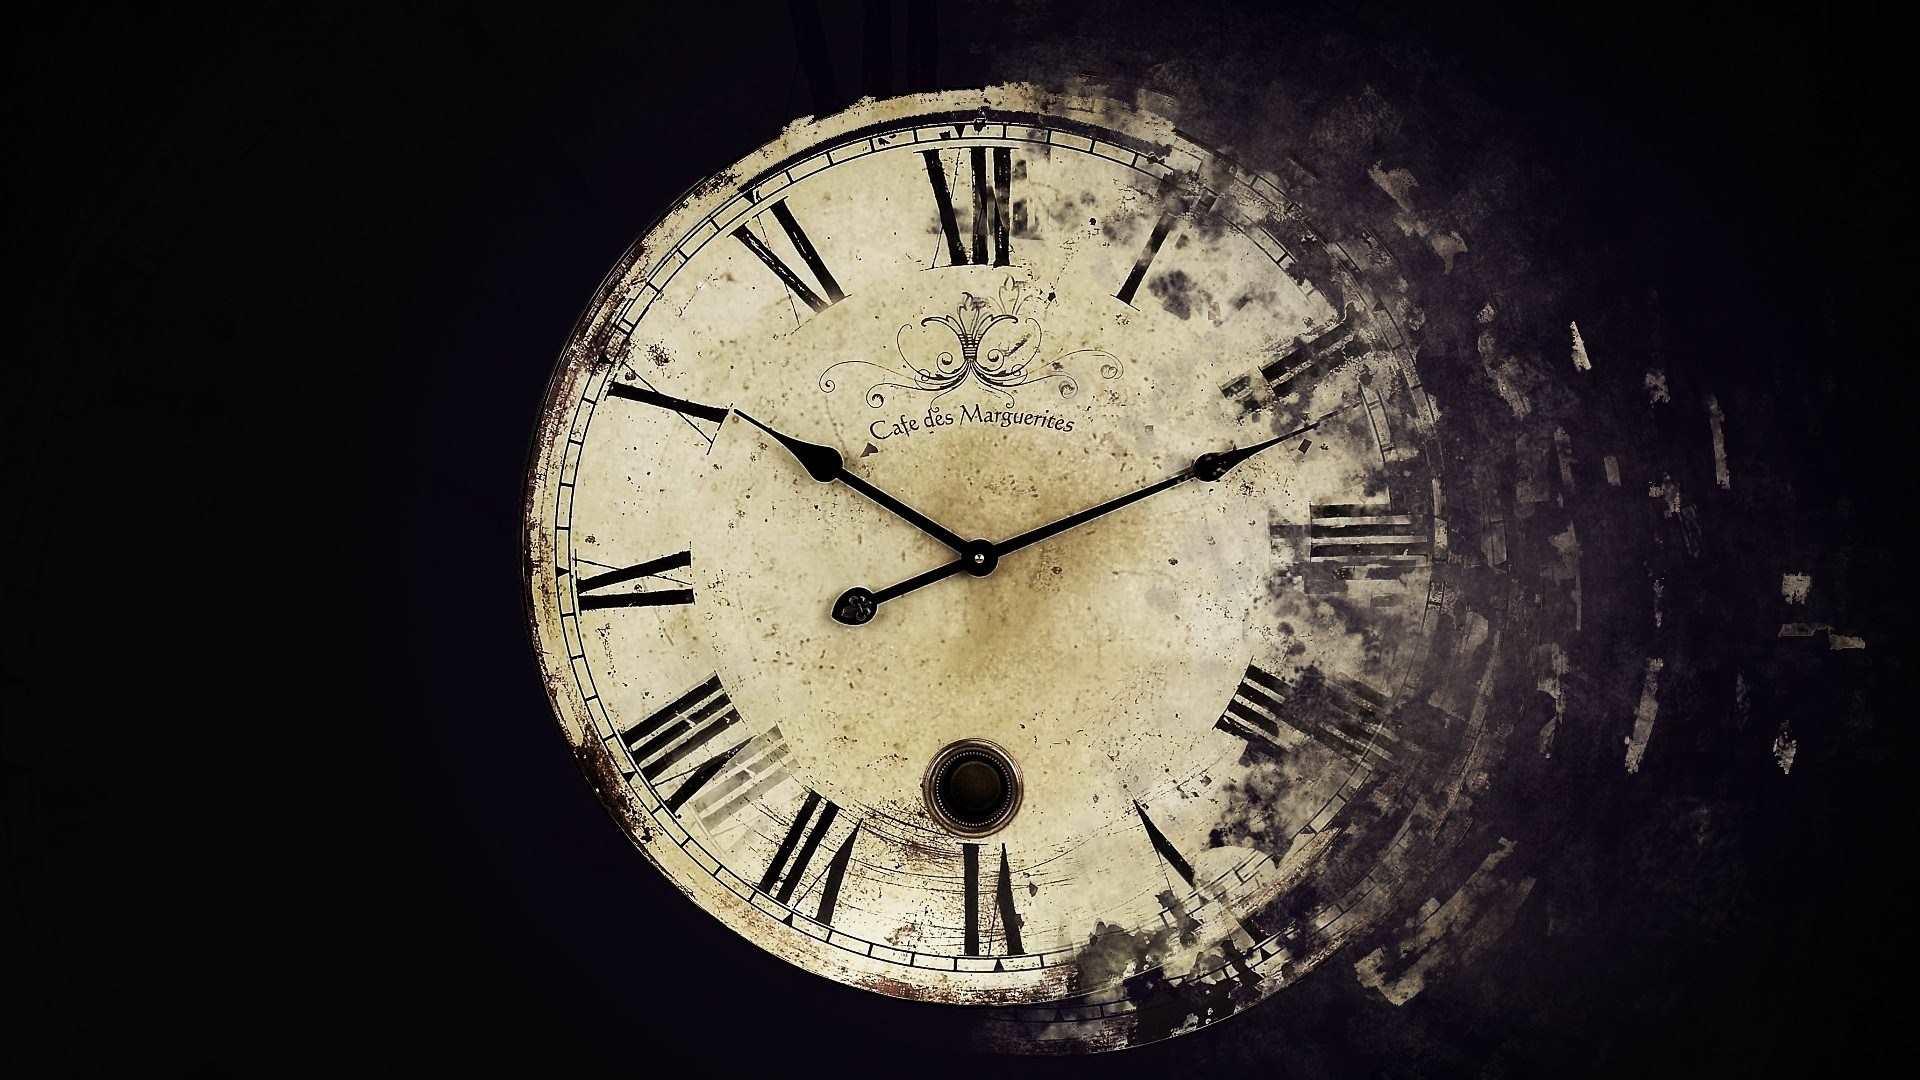 مفهوم قلب در مجازی مفهوم زمان در فرهنگهای مختلف - دکتر مجازی